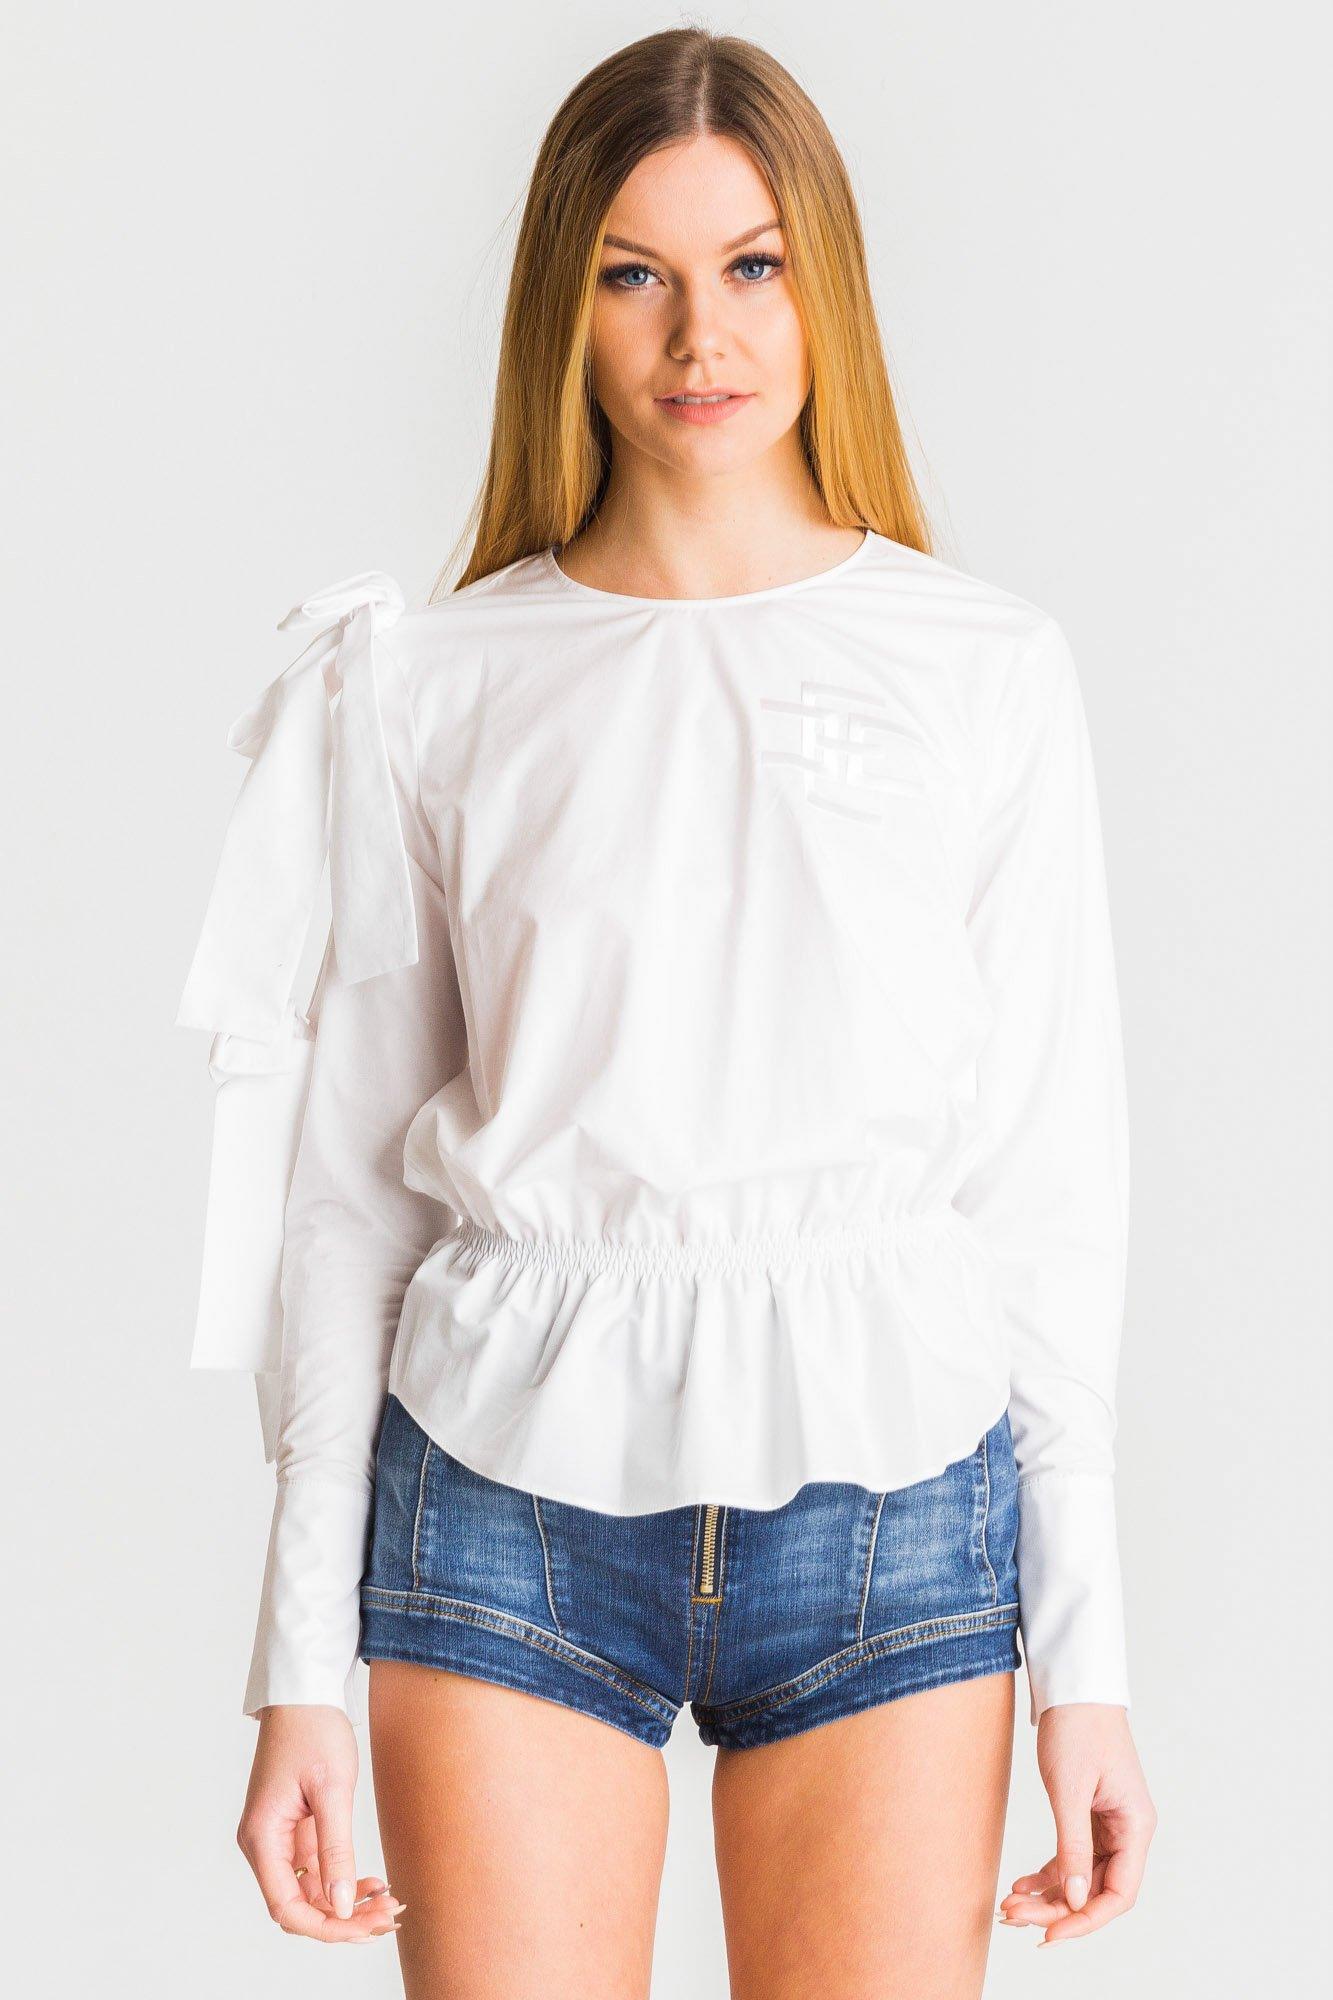 abc40aad92 ... Biała bluzka Elisabetta Franchi z falbaną ...